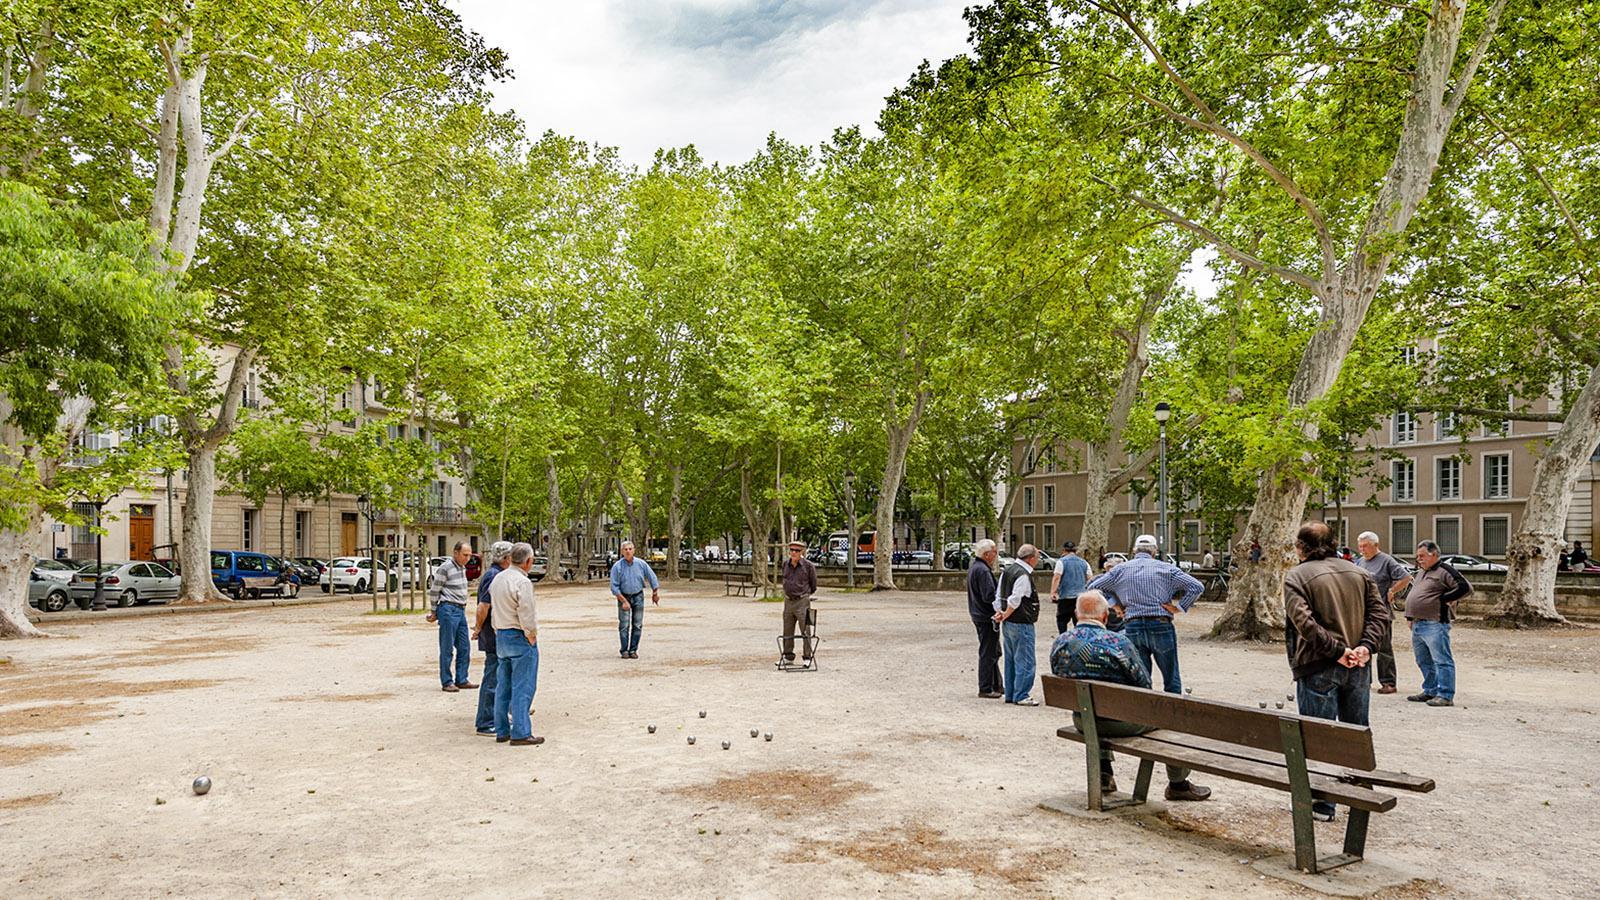 Pétanquespieler bei den Jardins de la Fontaine in Nîmes. Foto: Hilke Maunder